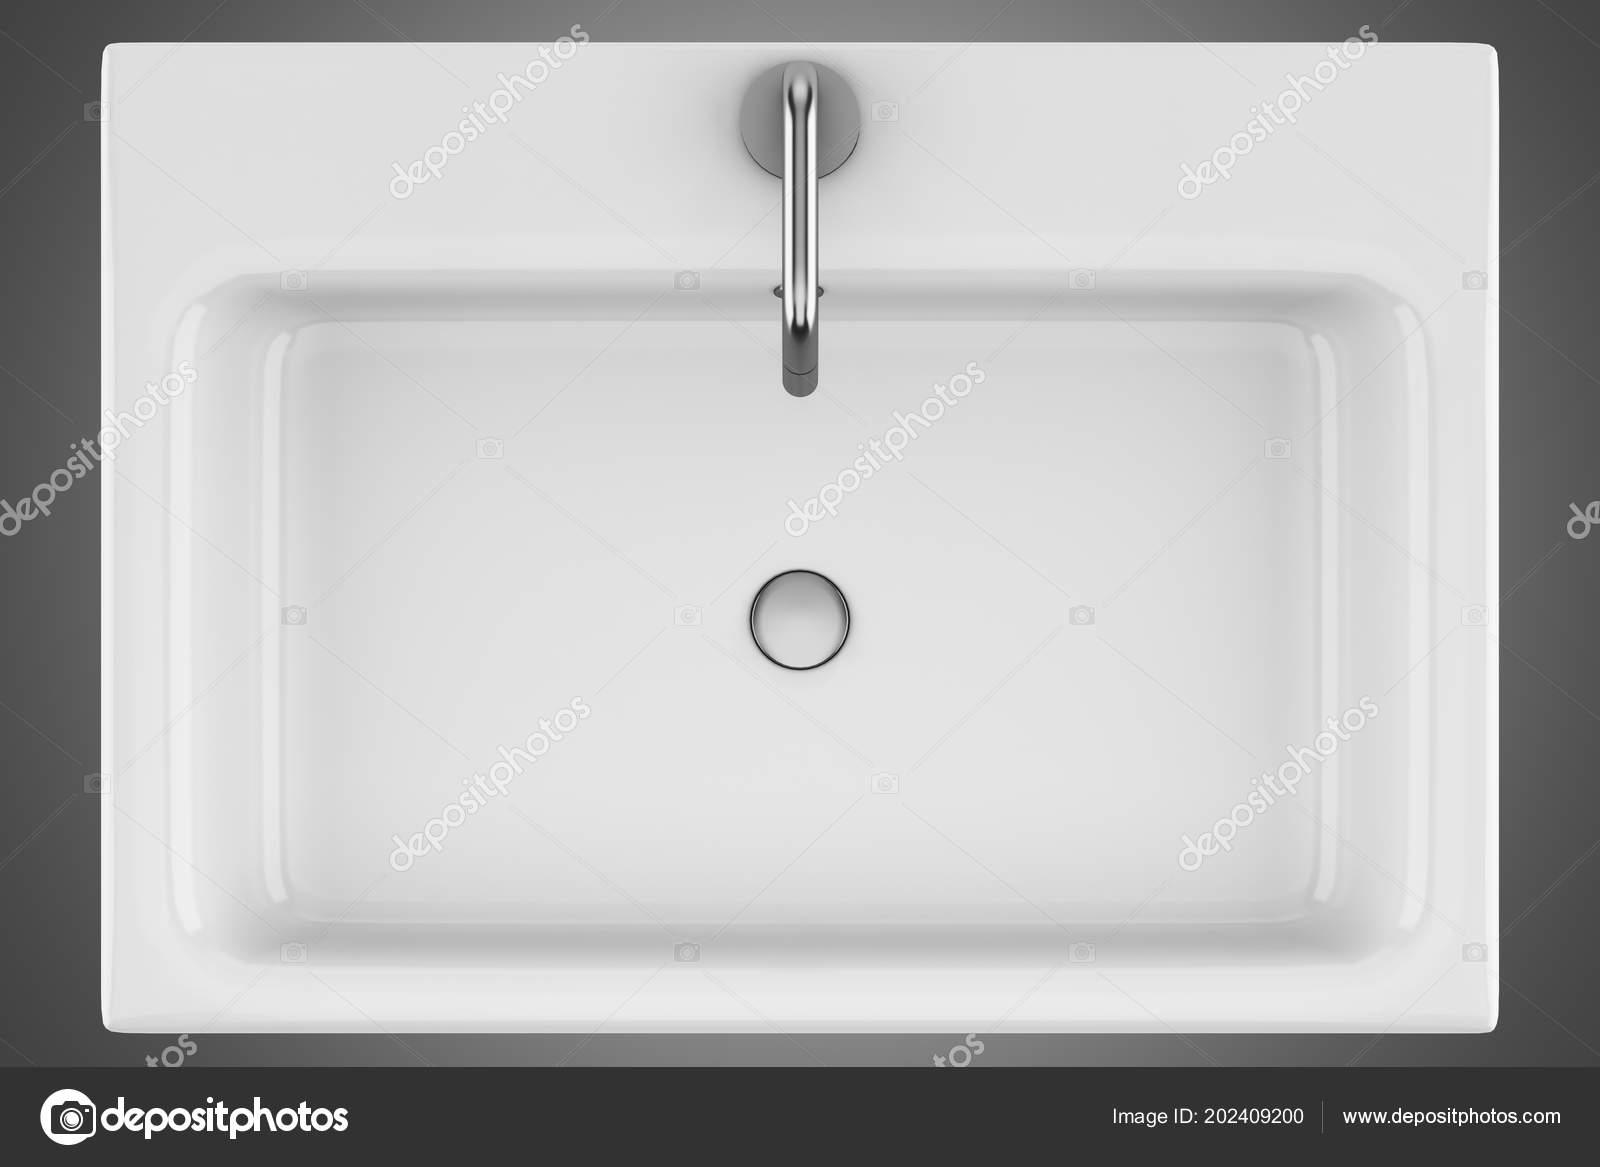 Wasbak Badkamer Grijze : Bovenaanzicht van keramische badkamer wastafel geïsoleerd een